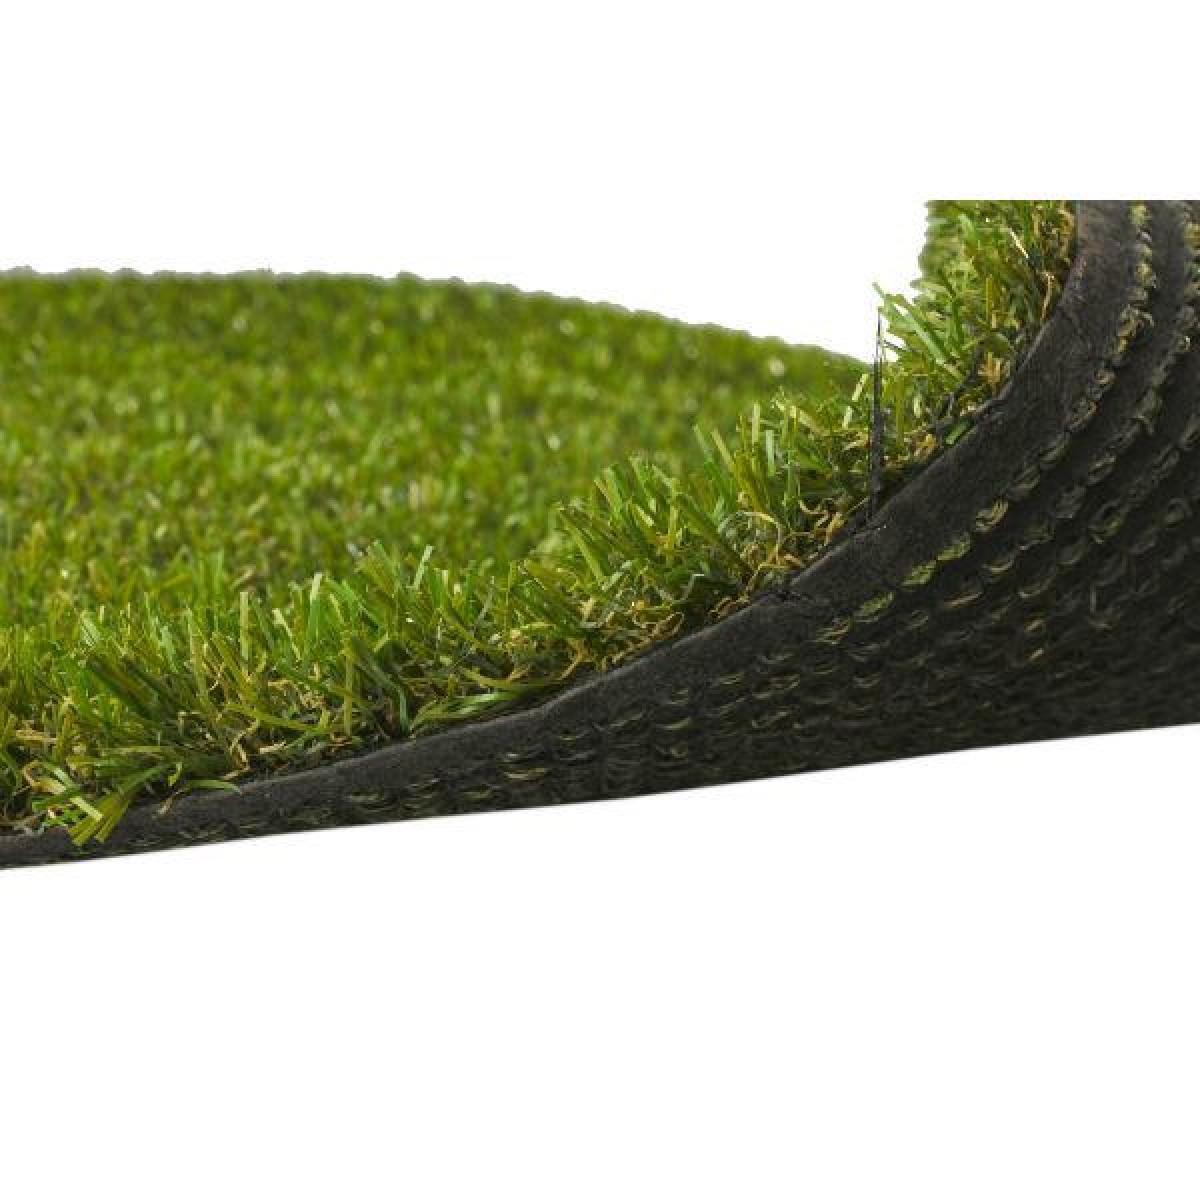 Artificial Grass Roll 4M X 1M 20Mm